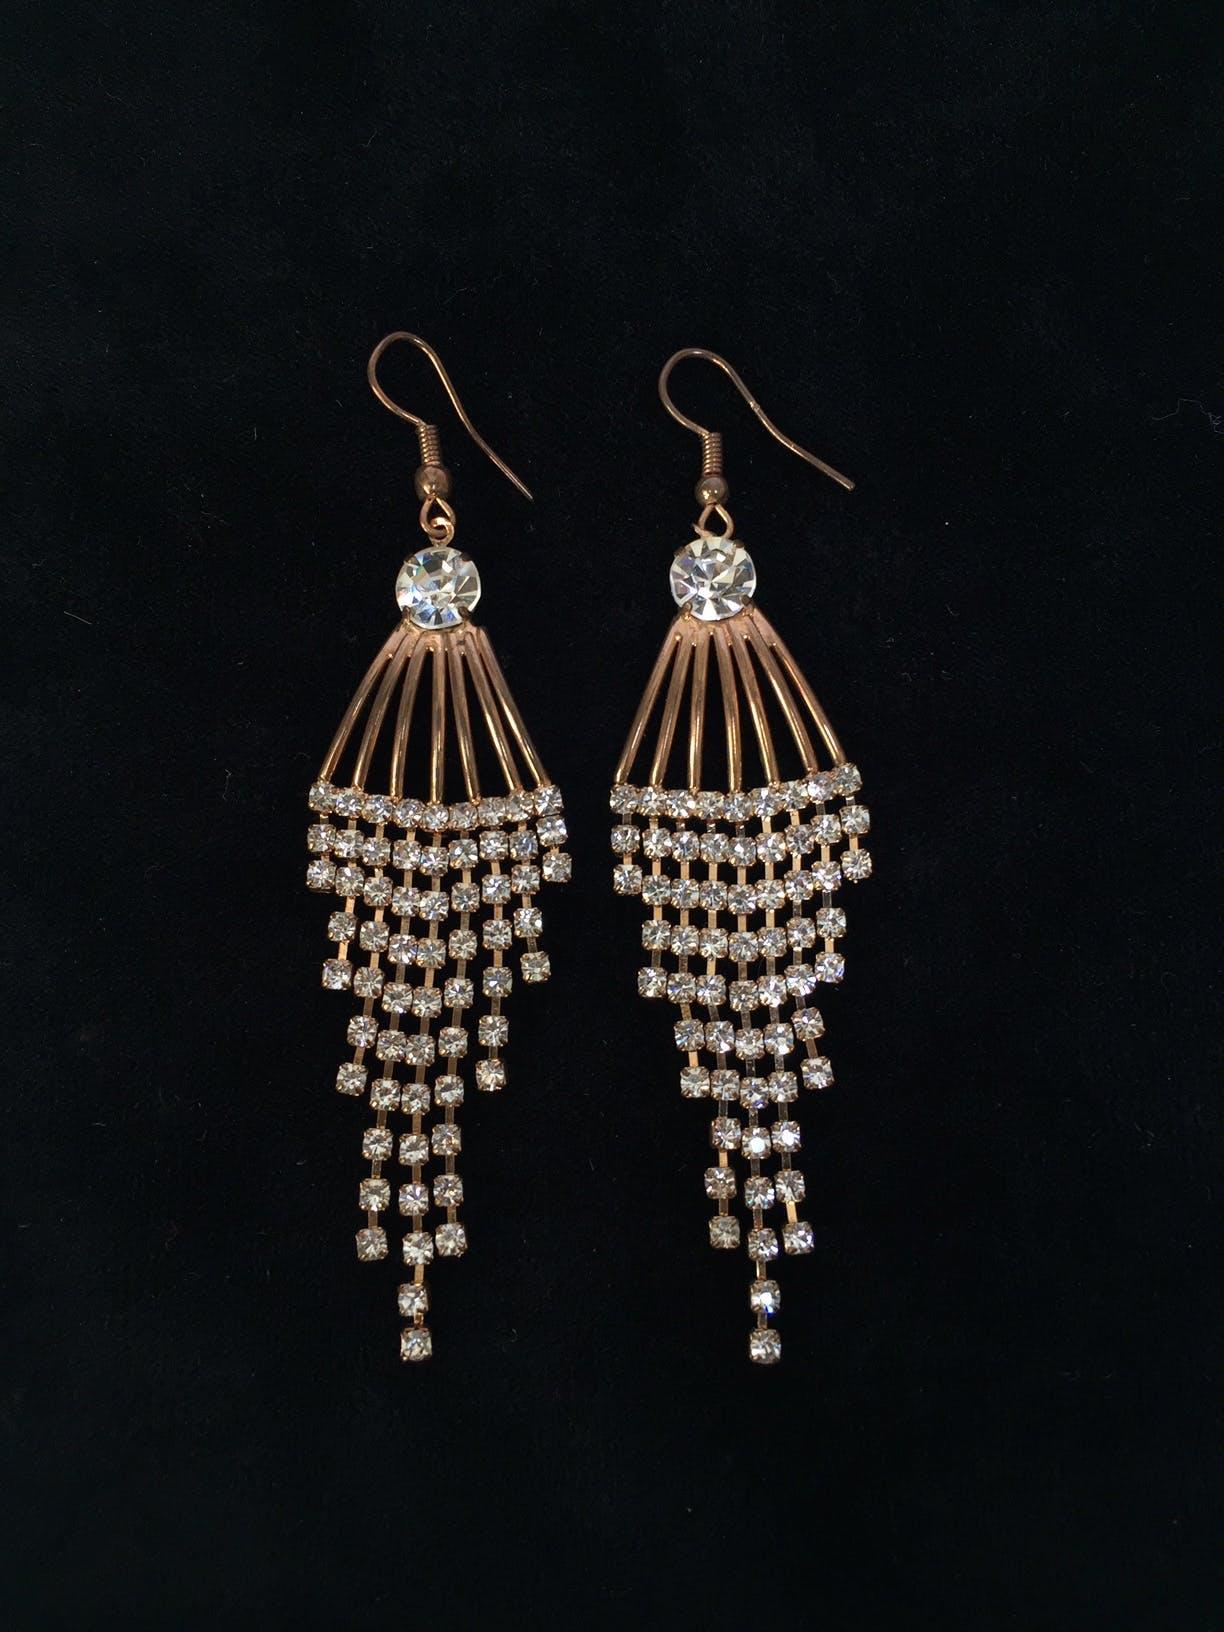 Aretes dorado en forma triangular con tiras de incrustaciones tipo diamante Largo: 7 cm